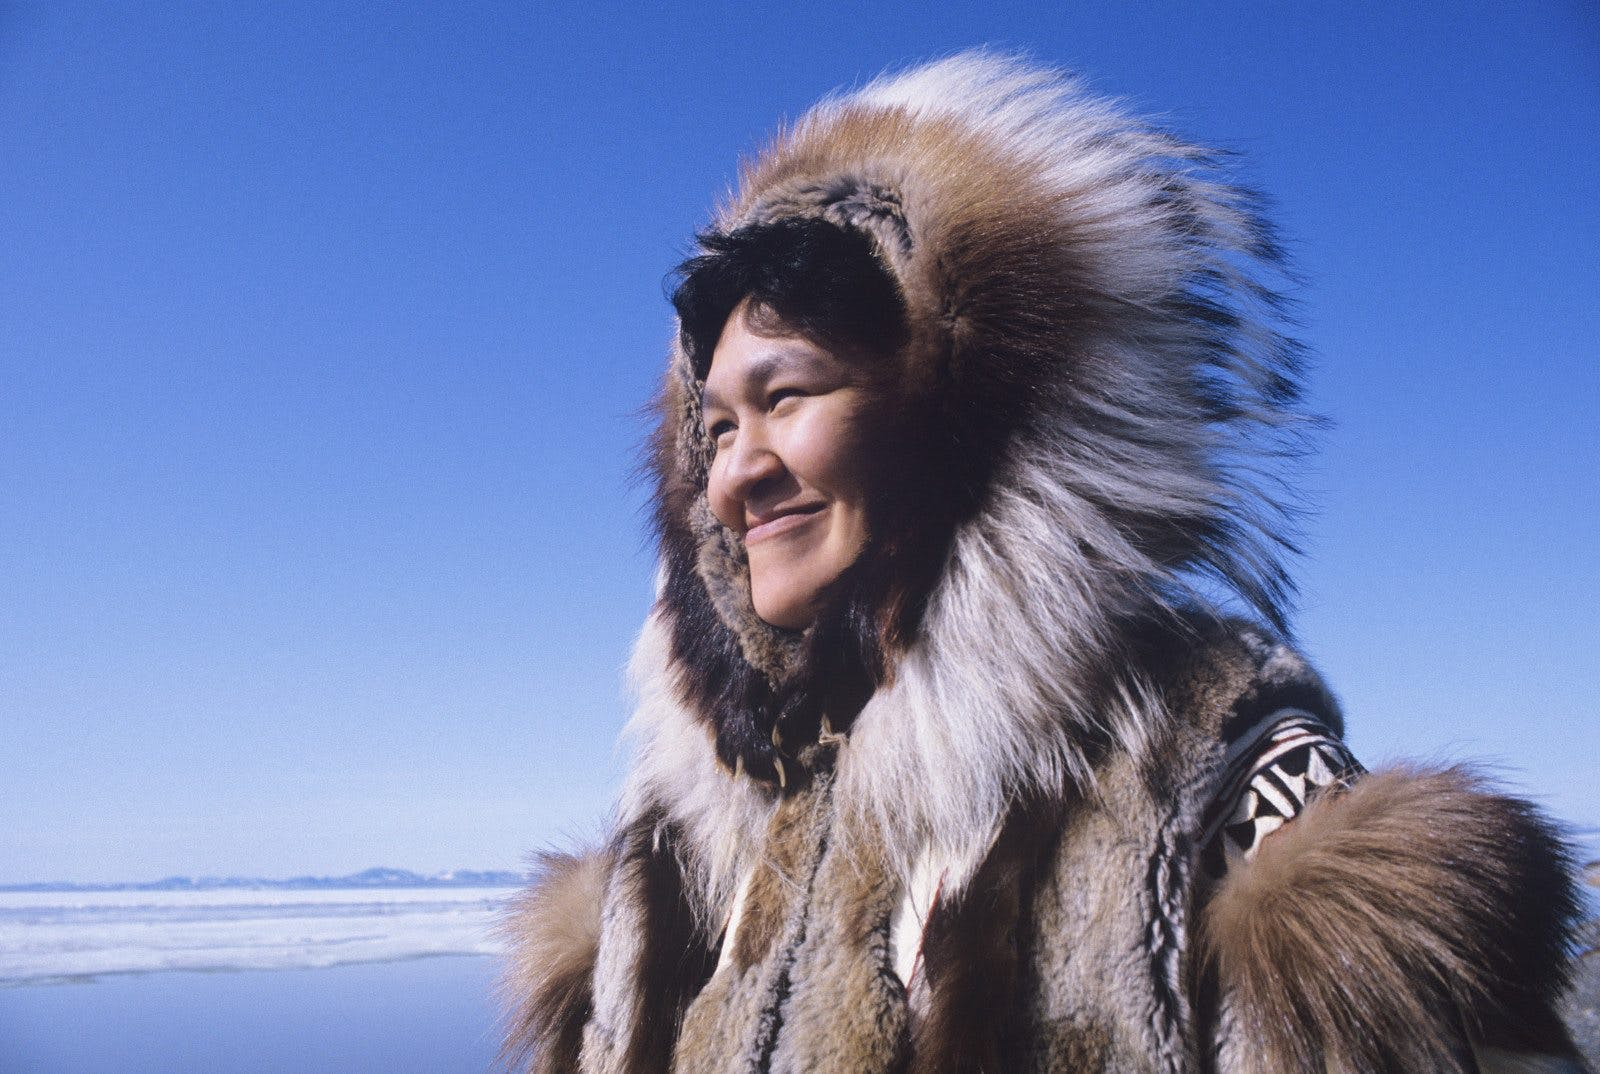 Inuiterna är genetiskt anpassade till fettrik kost visar studie